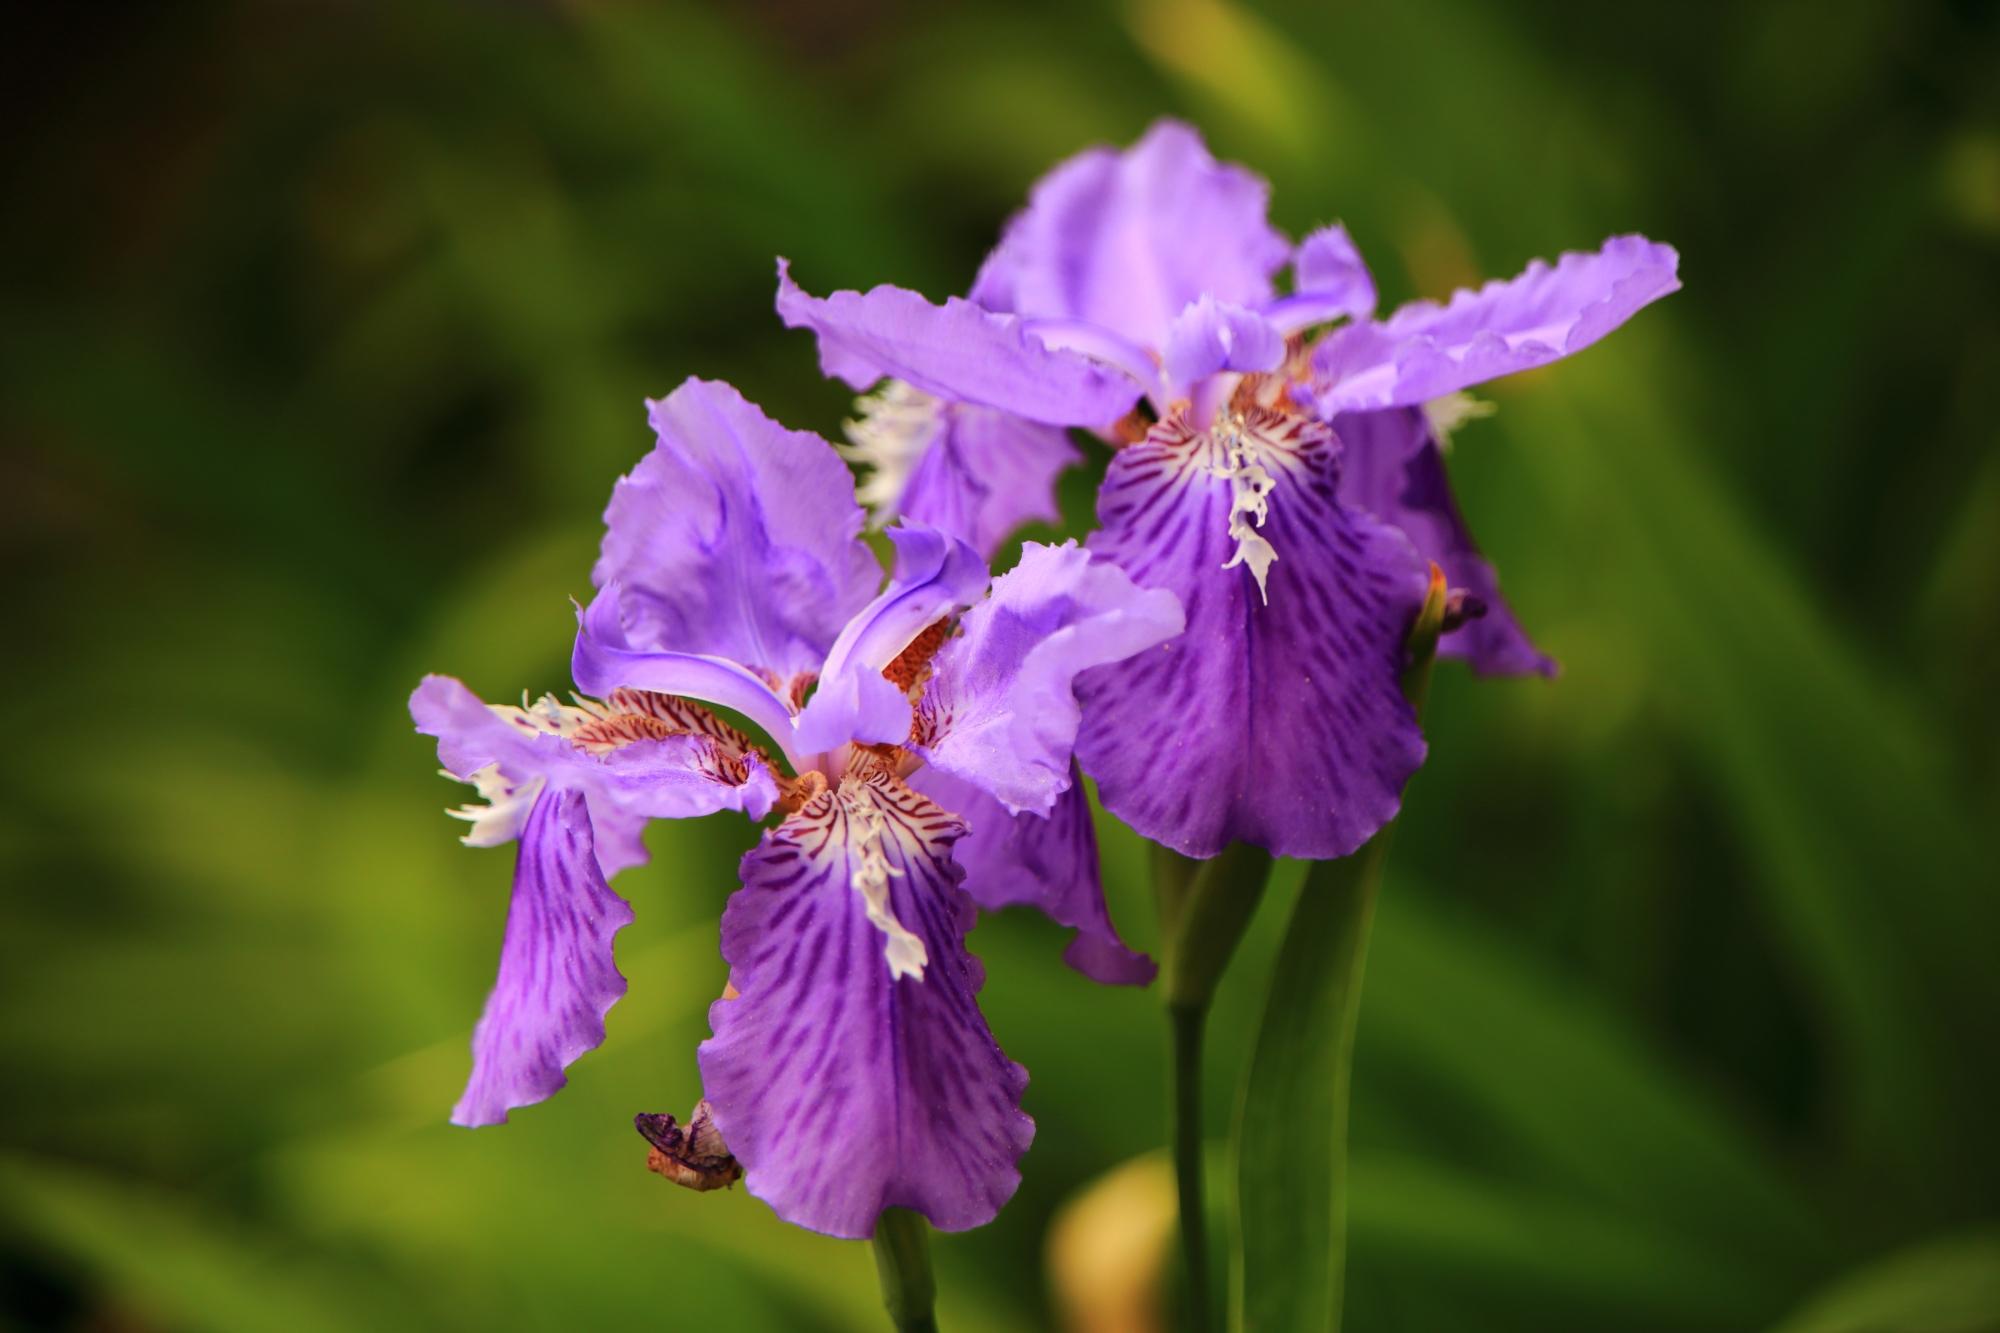 花によって色の濃さも微妙に違う一初